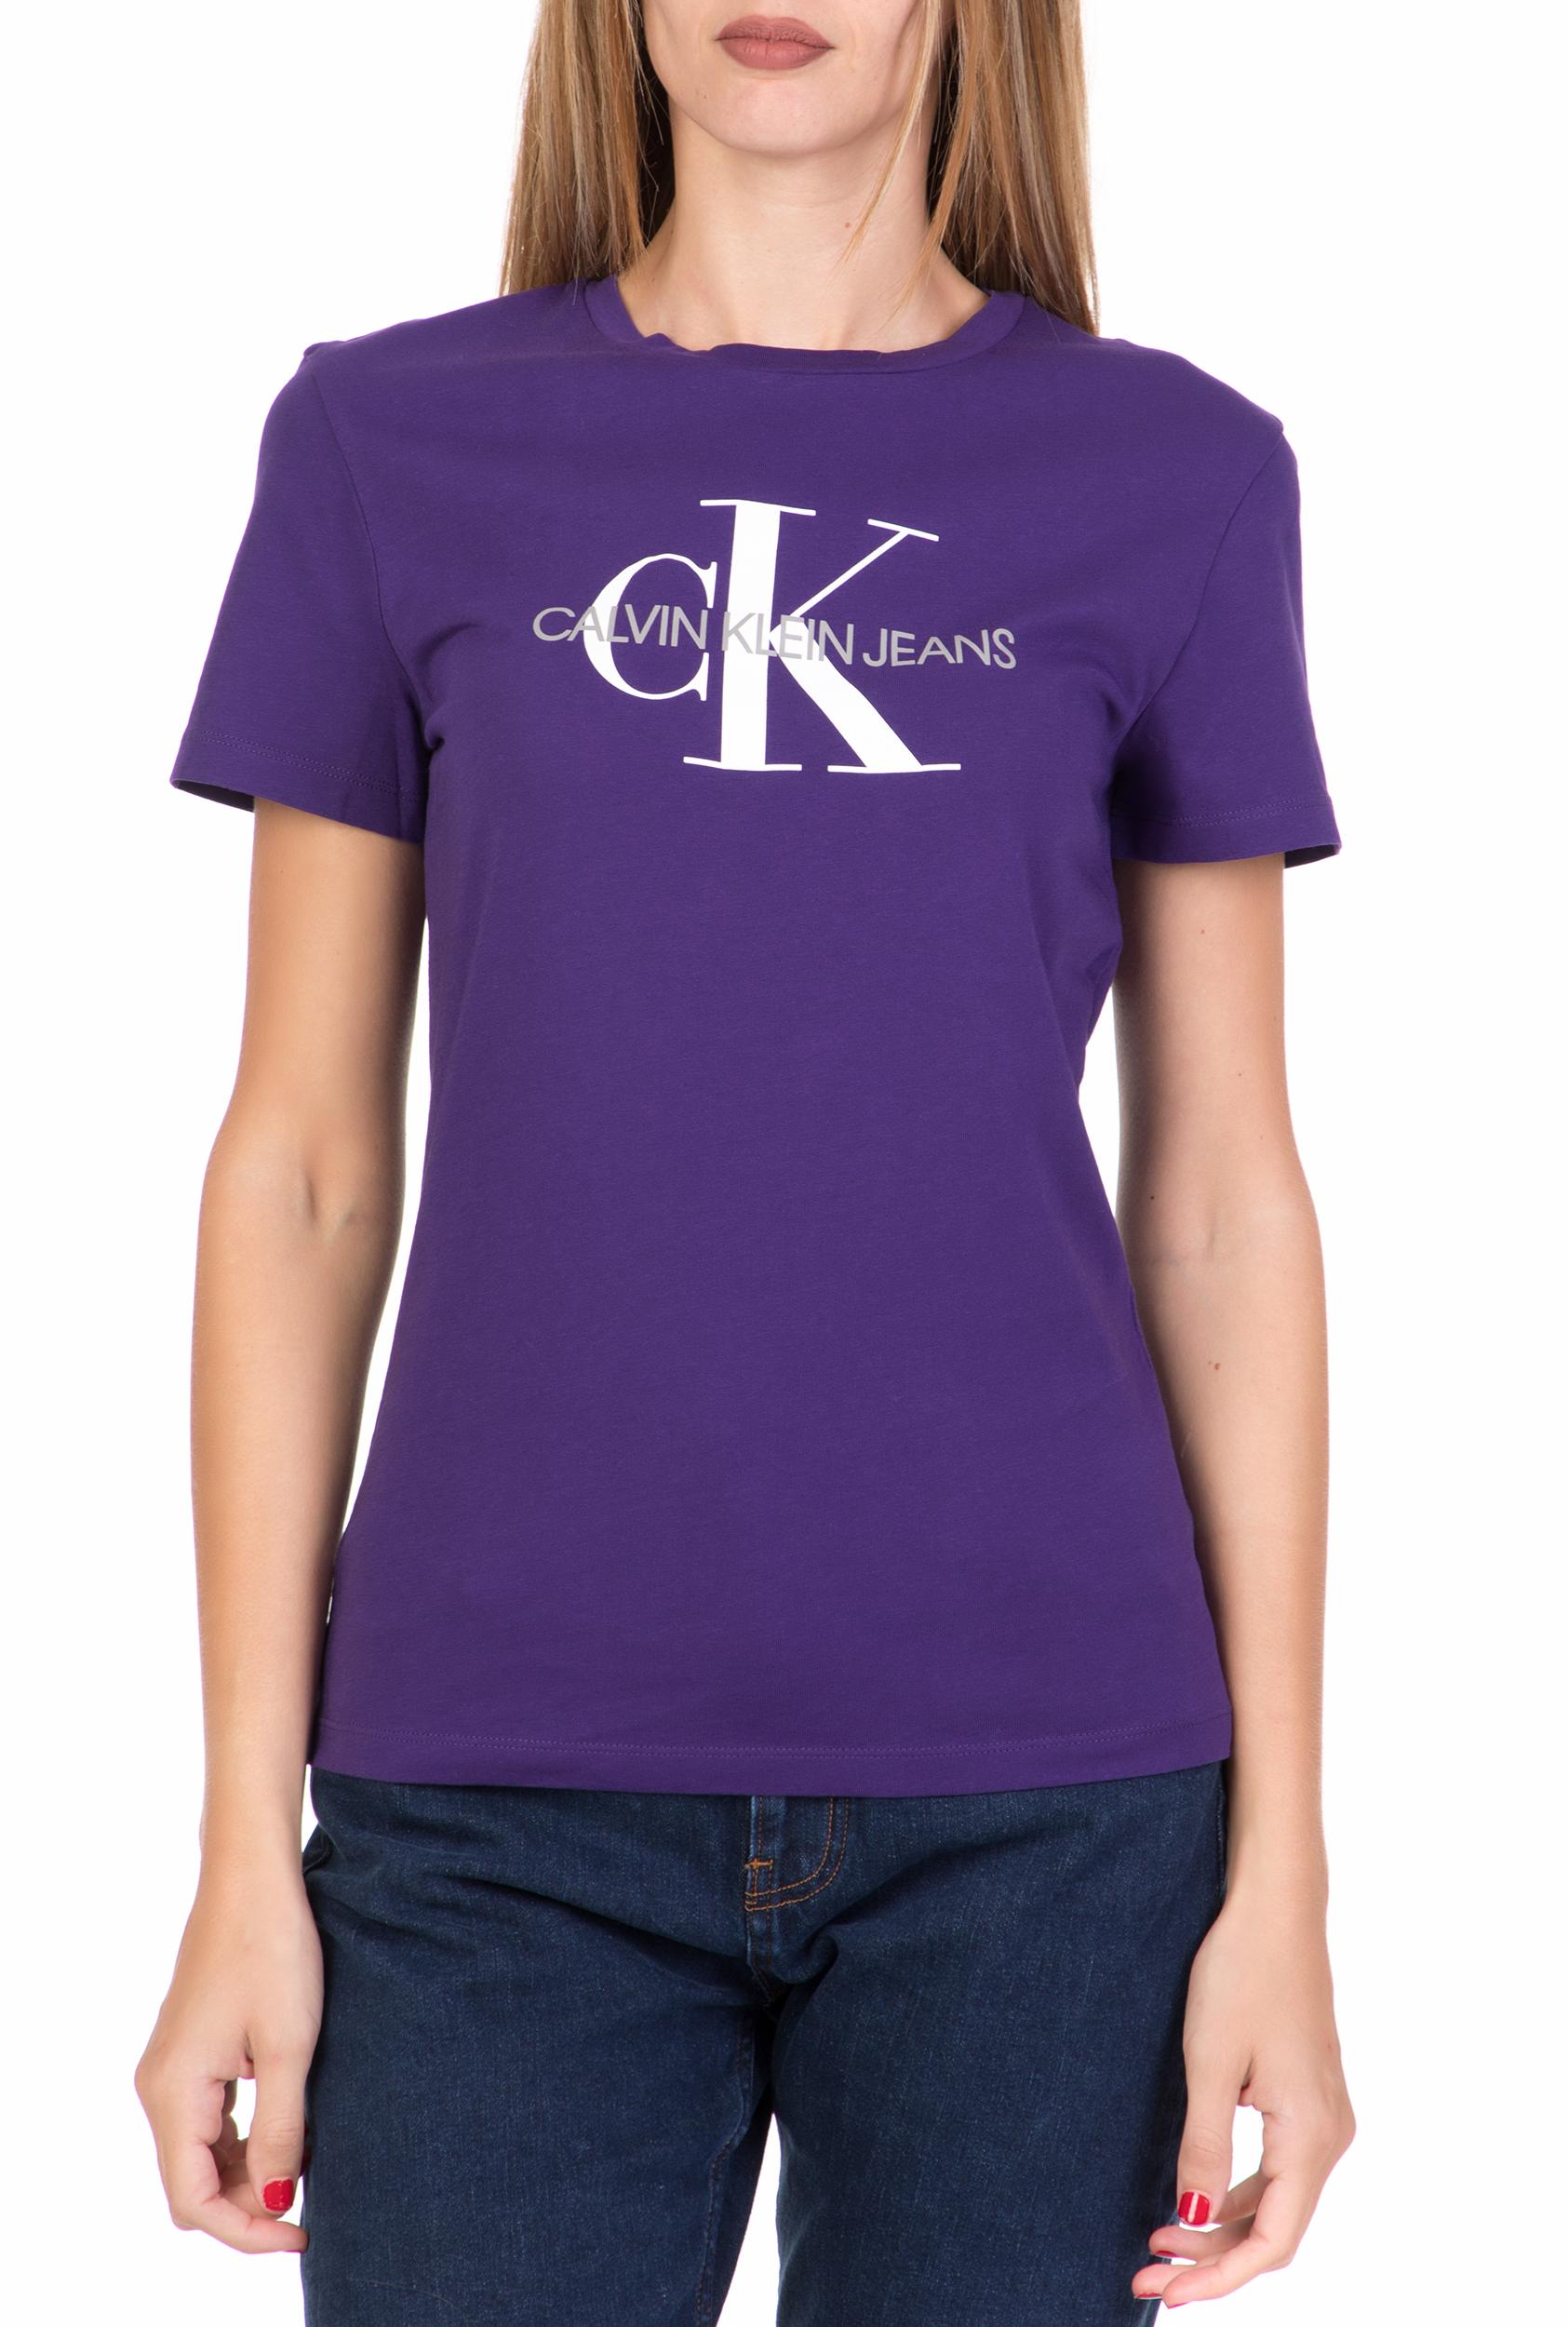 7e08b6a7f73f Calvin Klein - Γυναικείες Μπλούζες